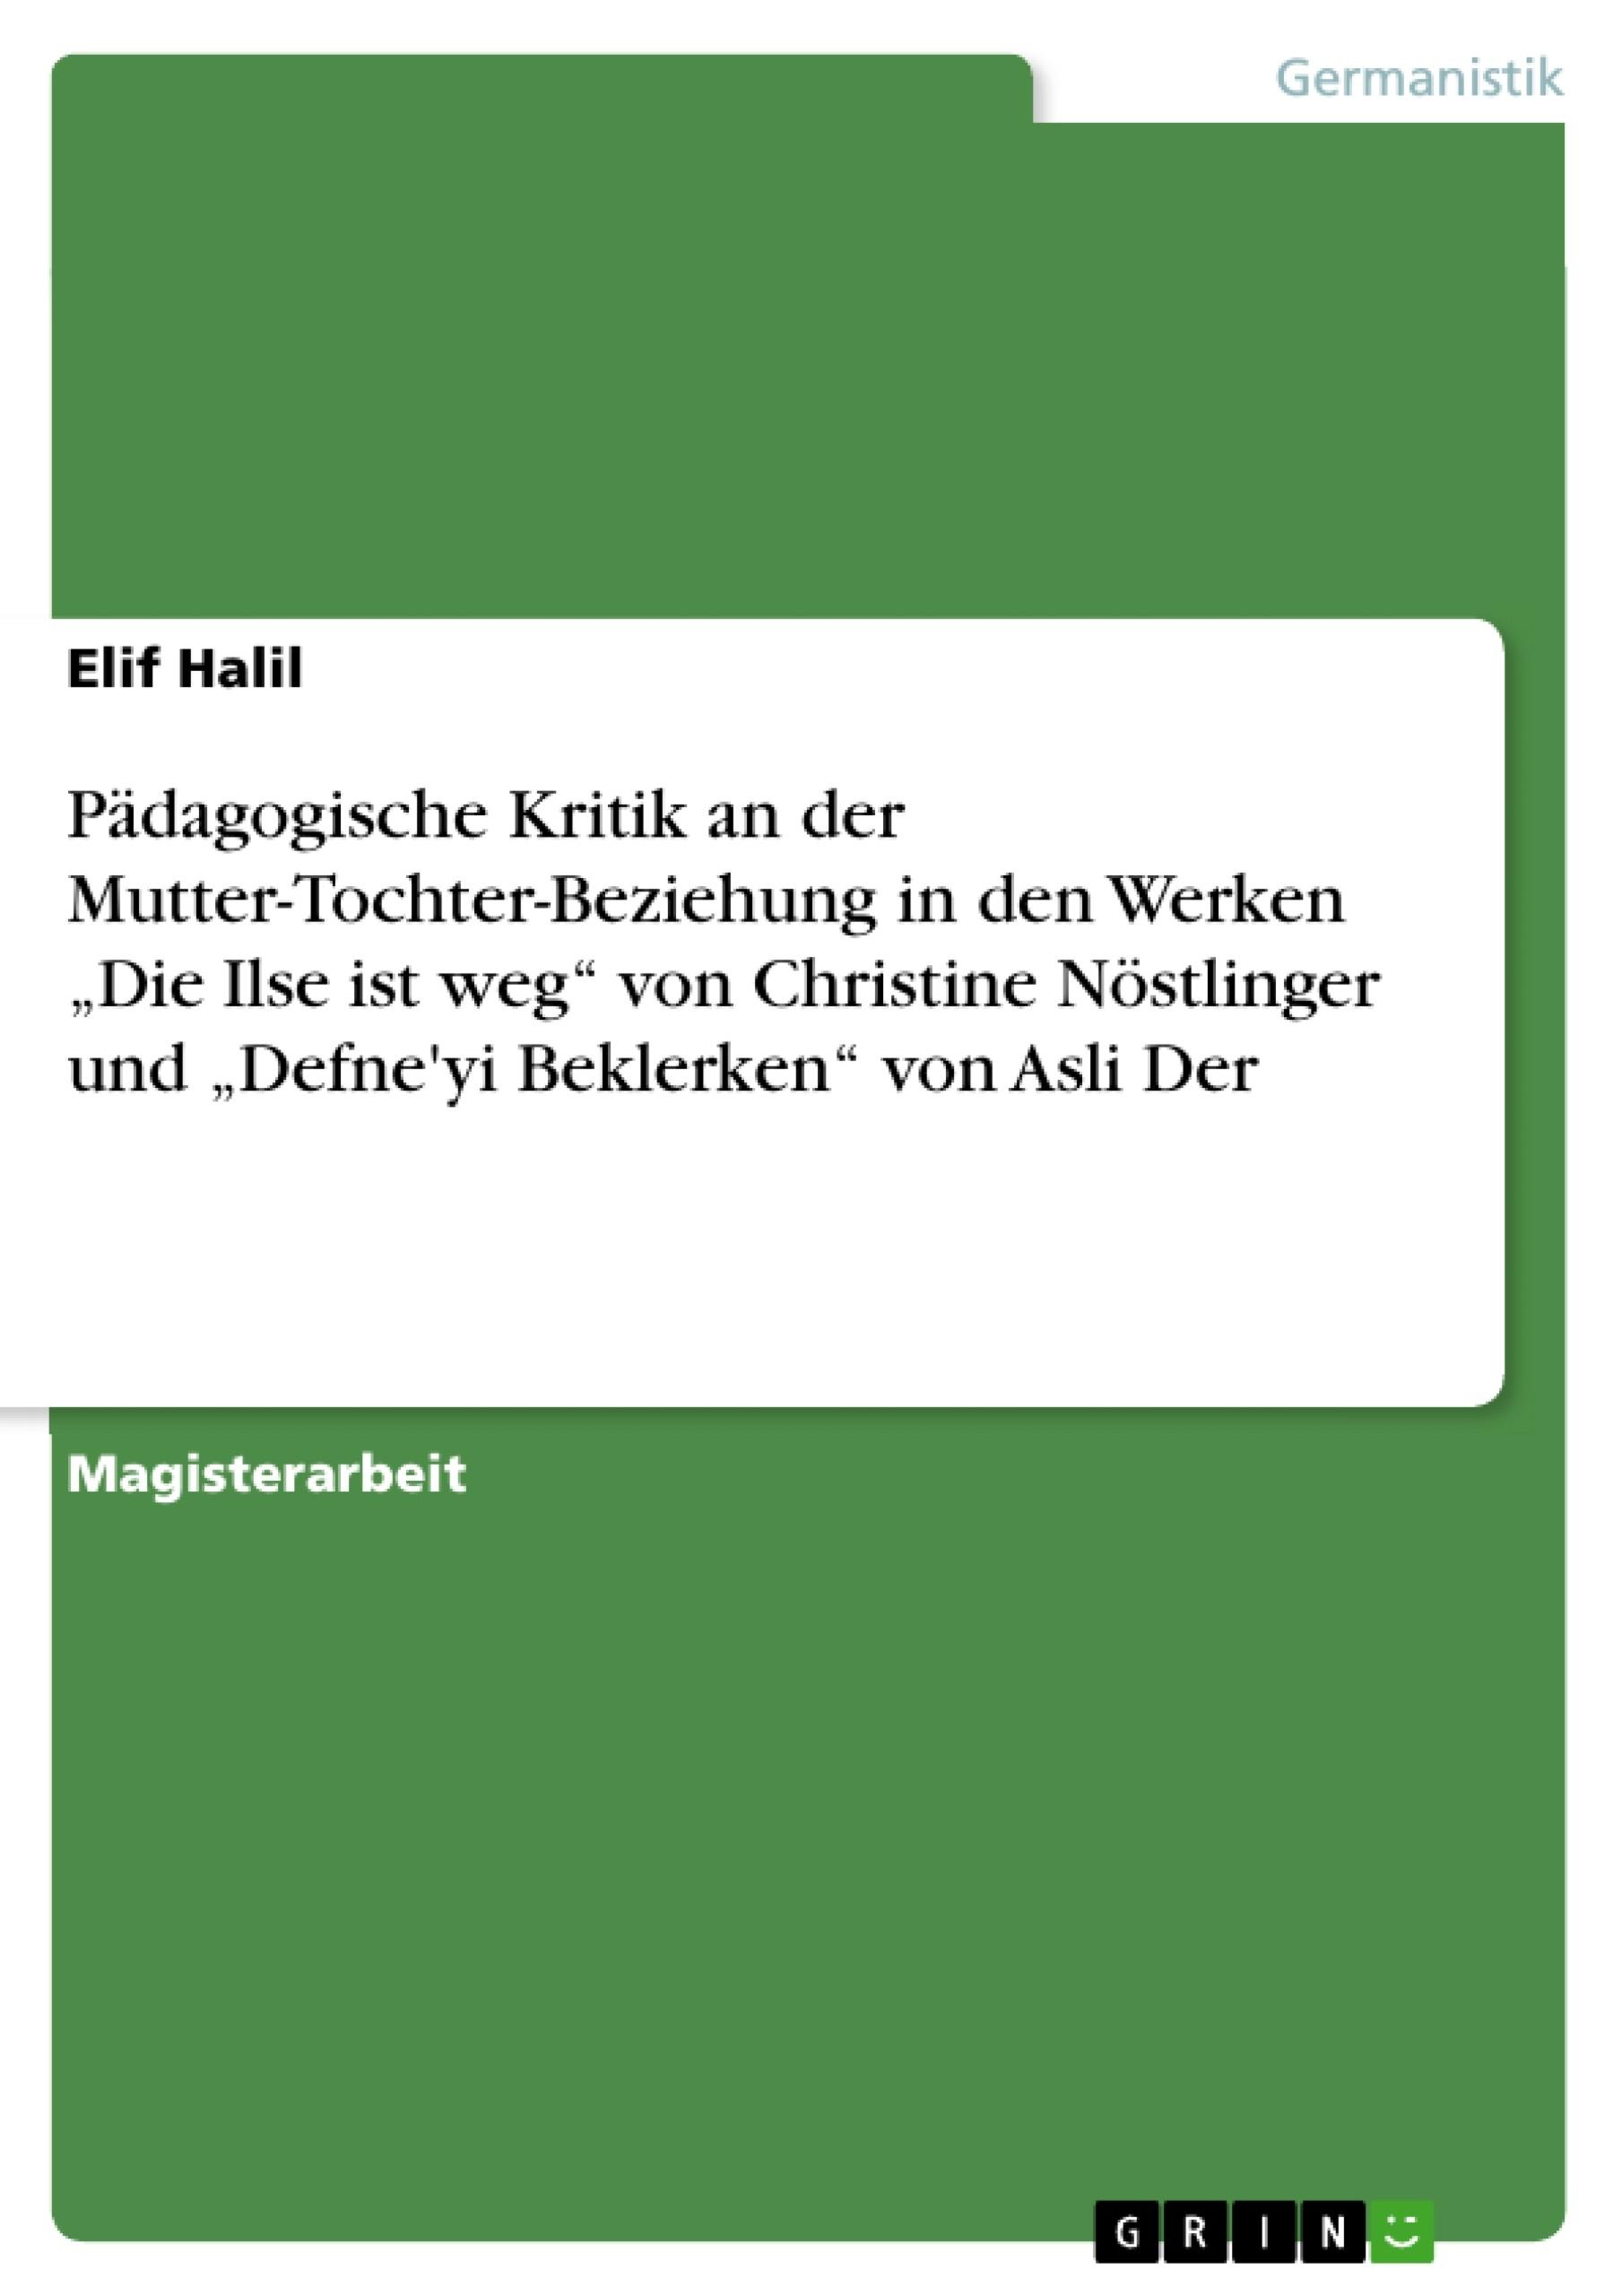 """Titel: Pädagogische Kritik an der Mutter-Tochter-Beziehung in den Werken """"Die Ilse ist weg"""" von Christine Nöstlinger und """"Defne'yi Beklerken"""" von Asli Der"""